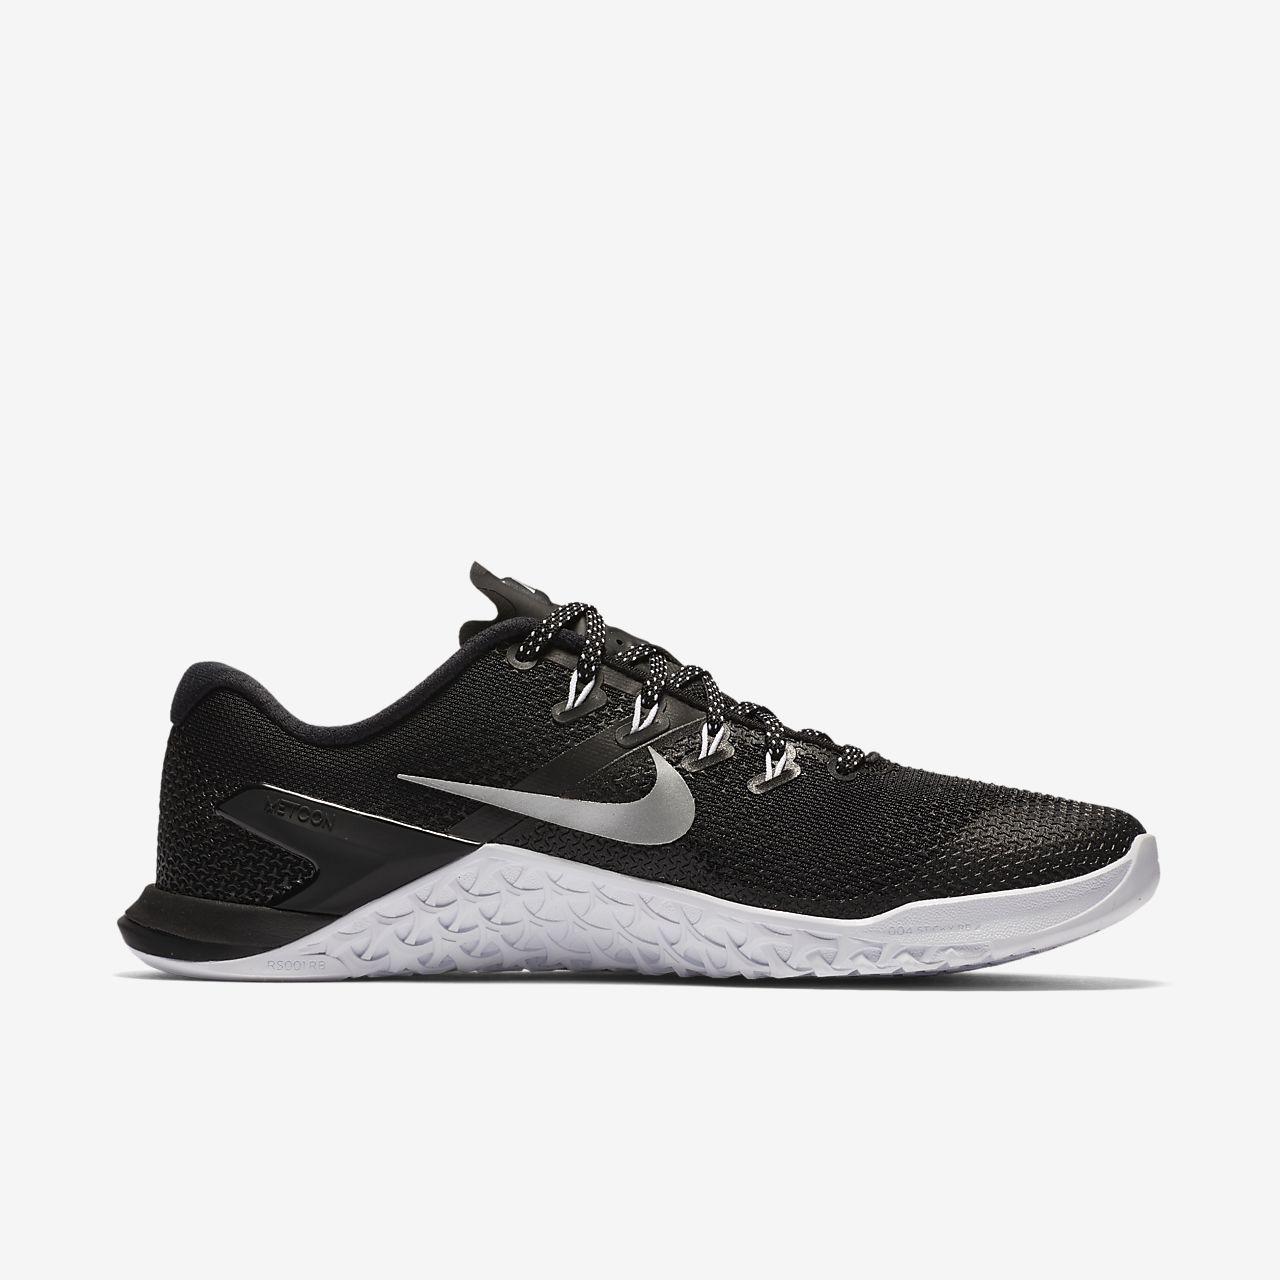 cheap for discount 2f9f8 413ba Chaussure de cross training et de renforcement musculaire pour Femme. Nike  Metcon 4